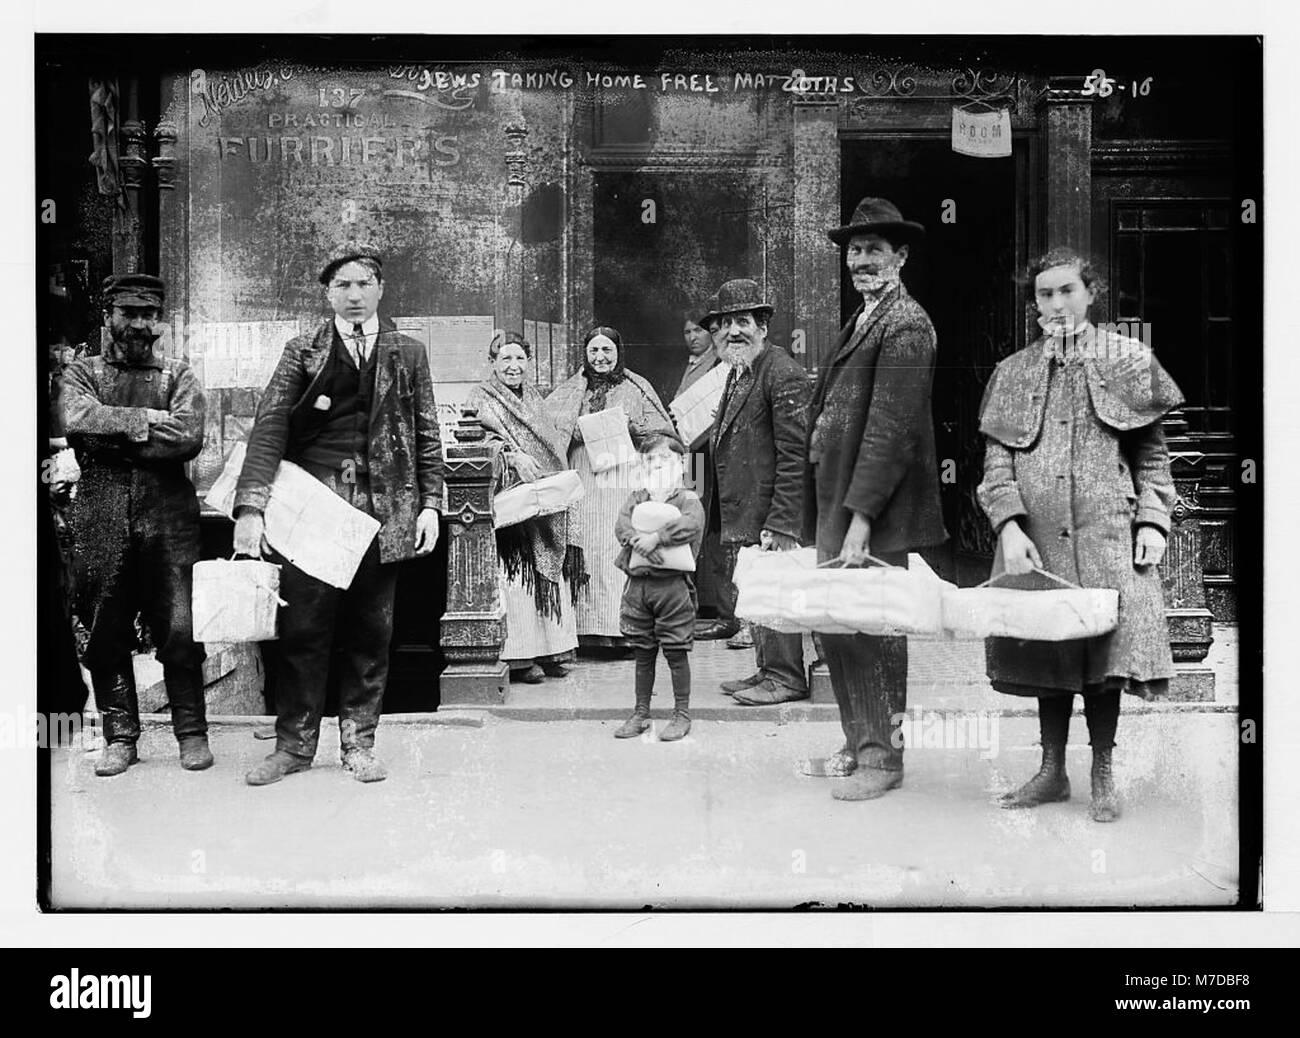 Jews taking home free matzoths (i.e., matzot) LCCN2014680270 - Stock Image